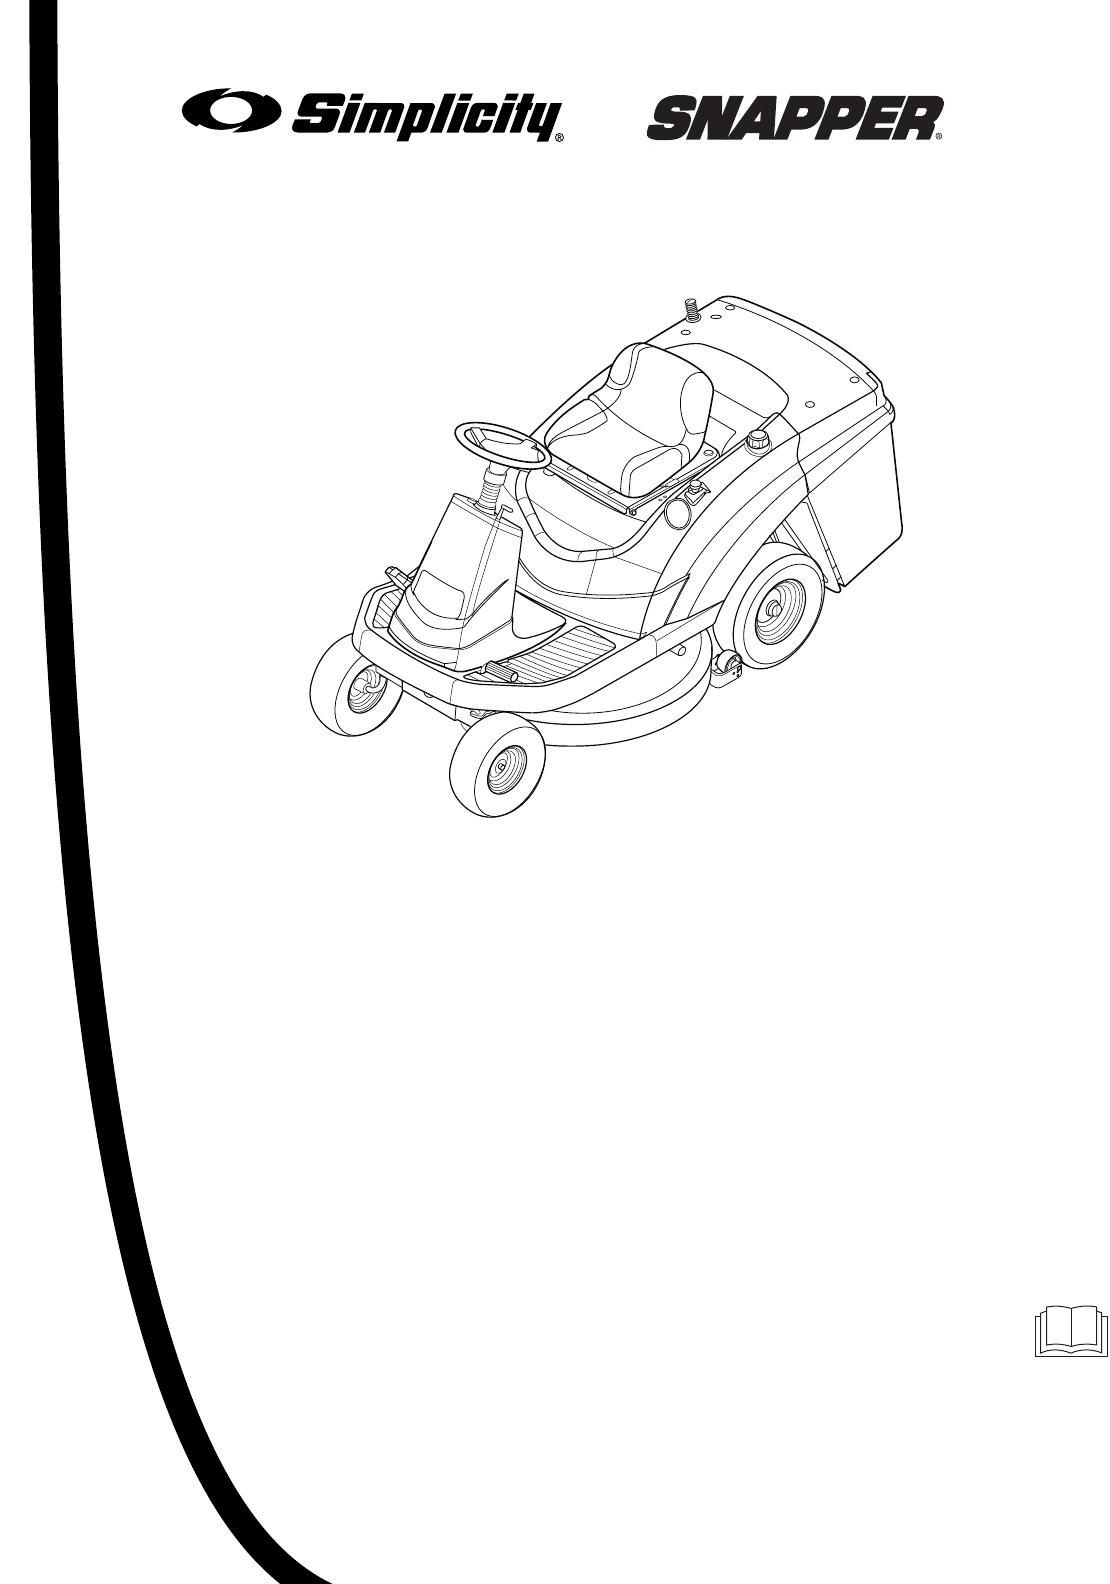 Simplicity 7800352, 7800353, 7800356, 7800357, 885193 manual